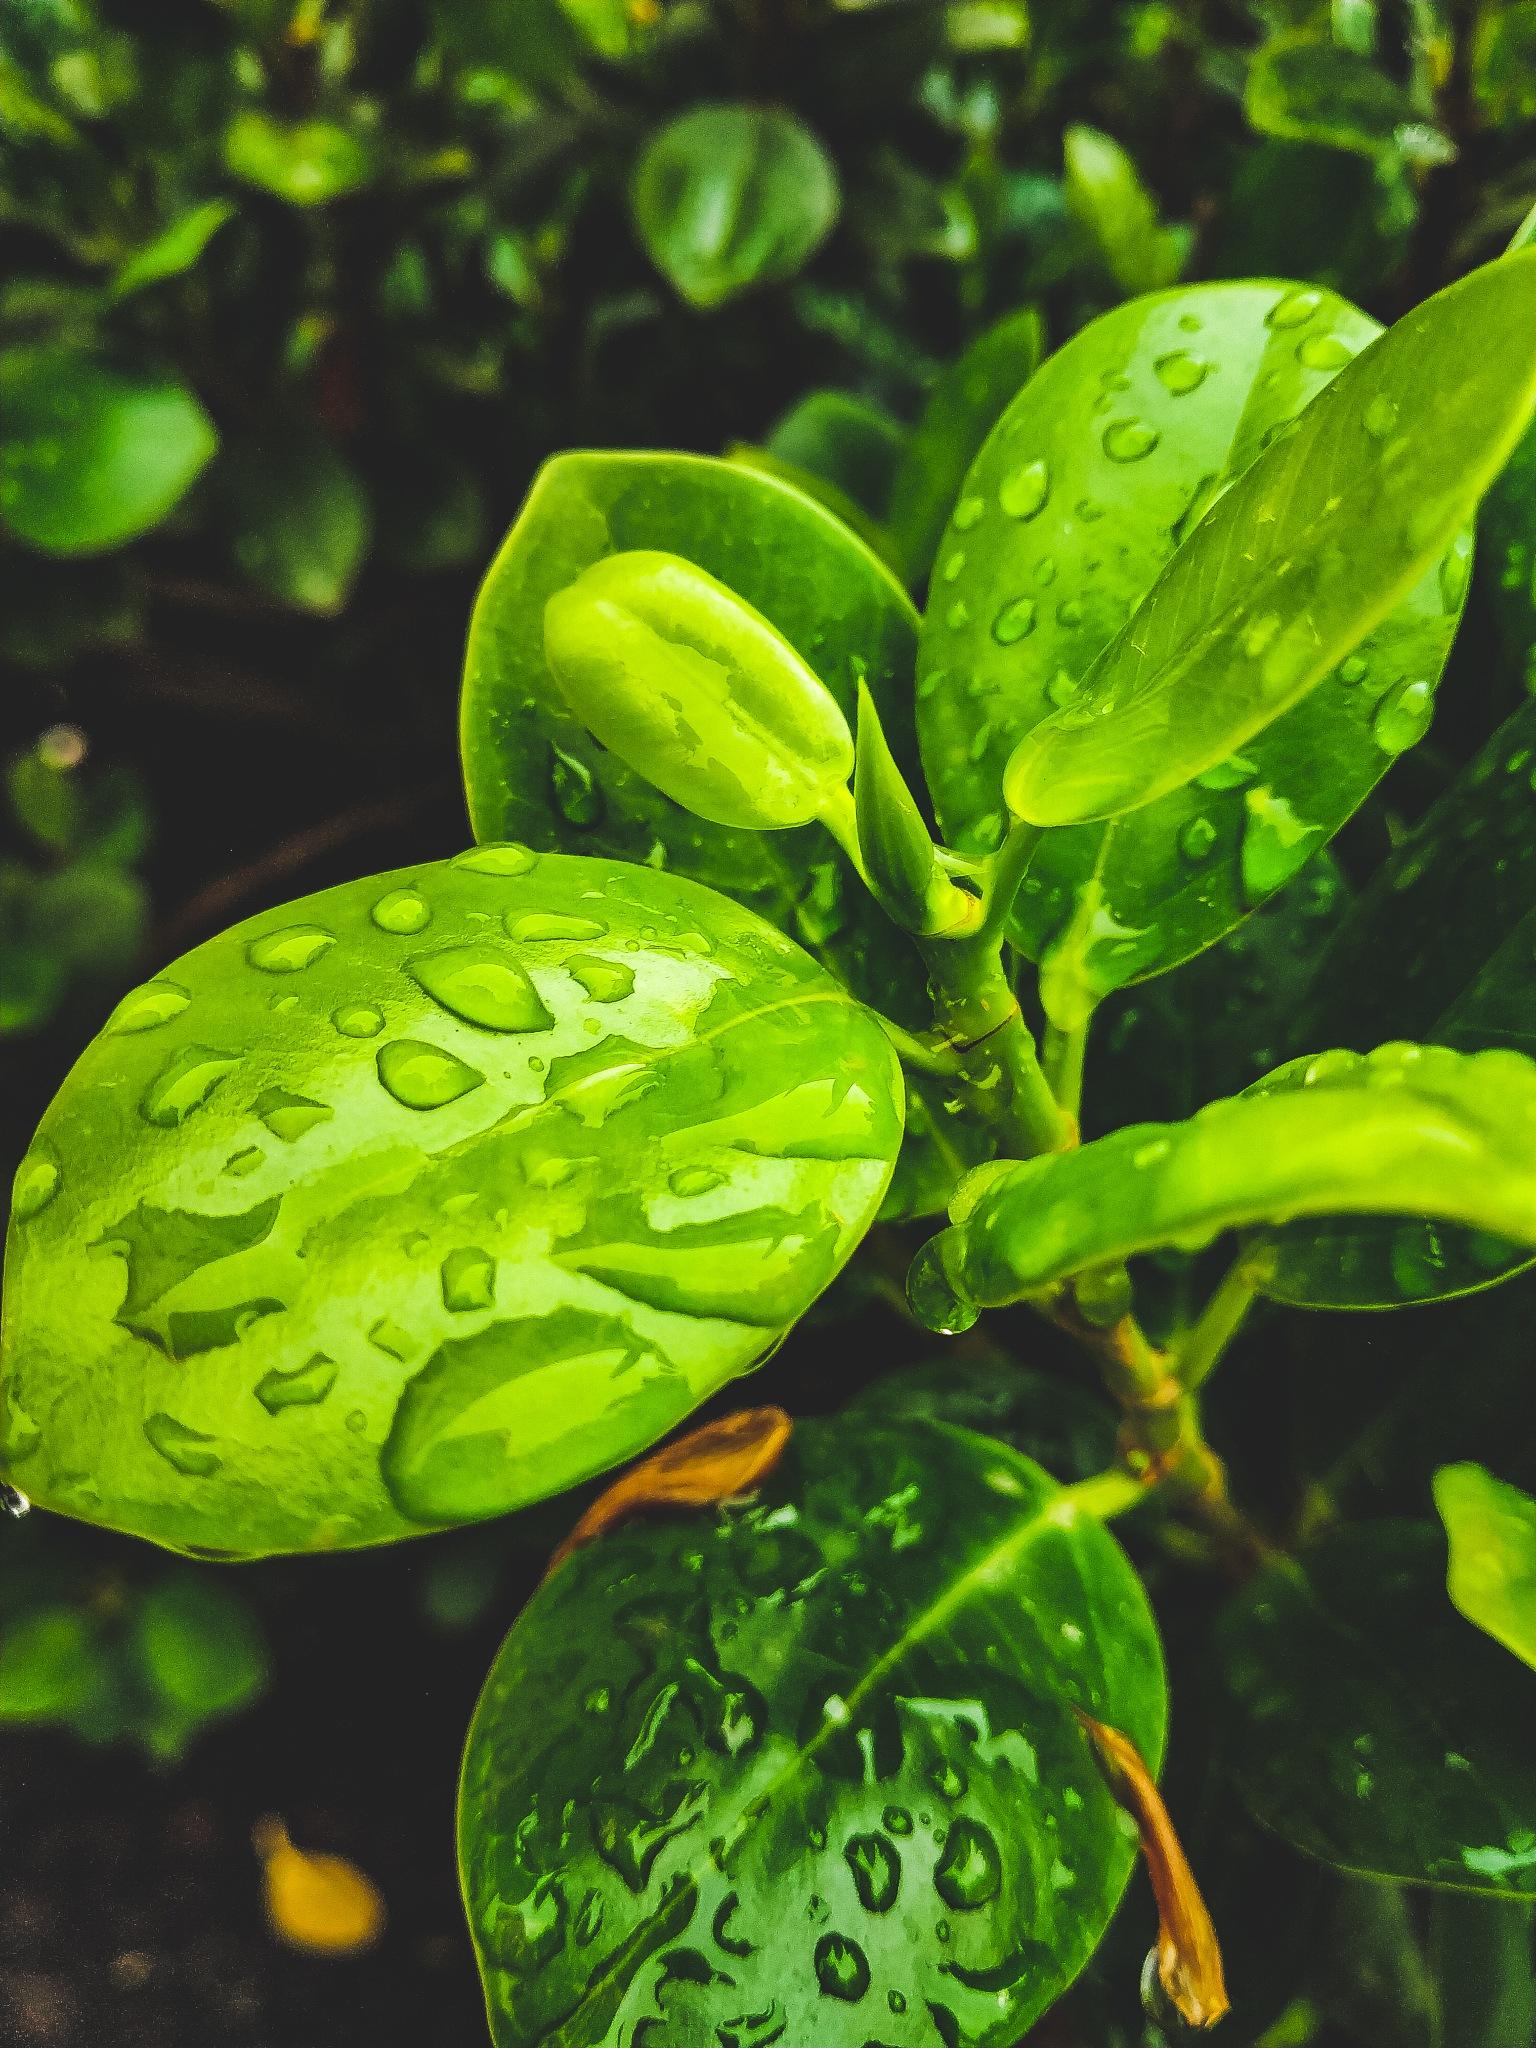 Leaves #2 by Abdul Muiz